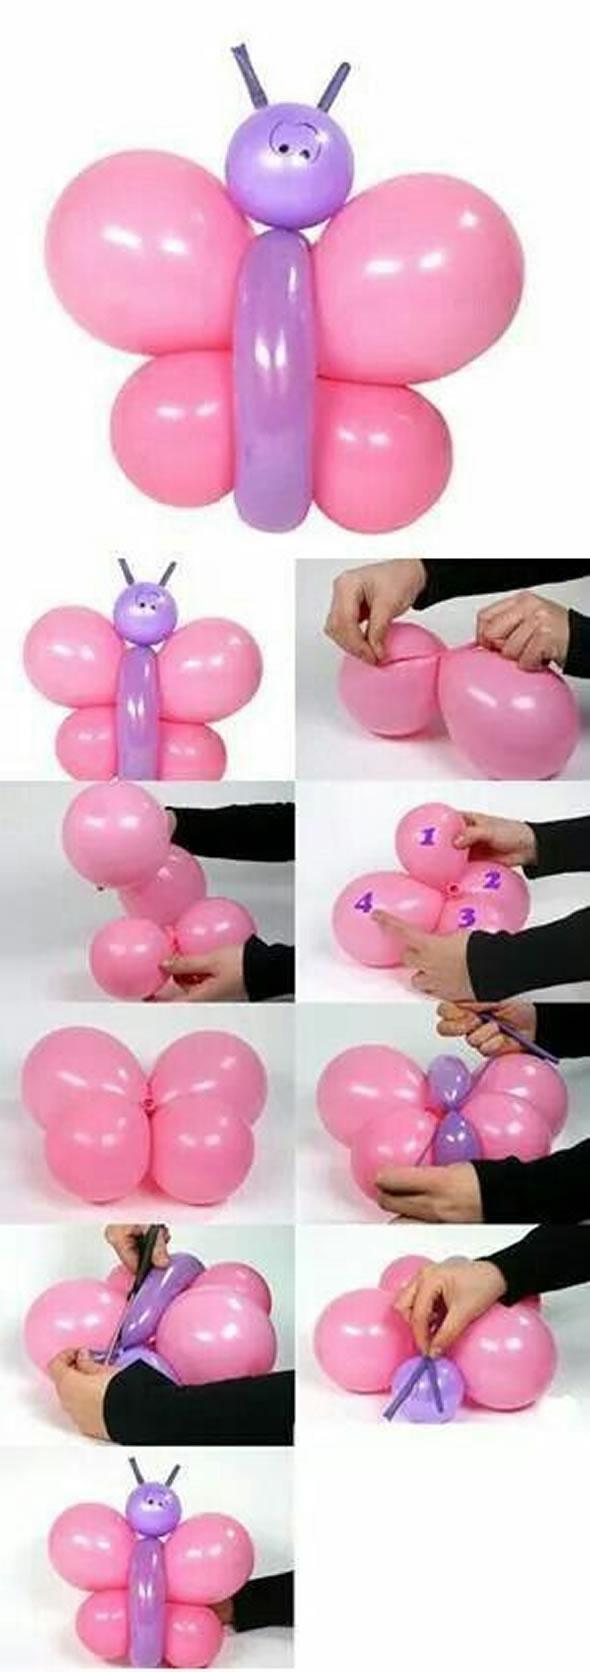 12 Exemplos Lindos para Decoração com Balões para a Páscoa